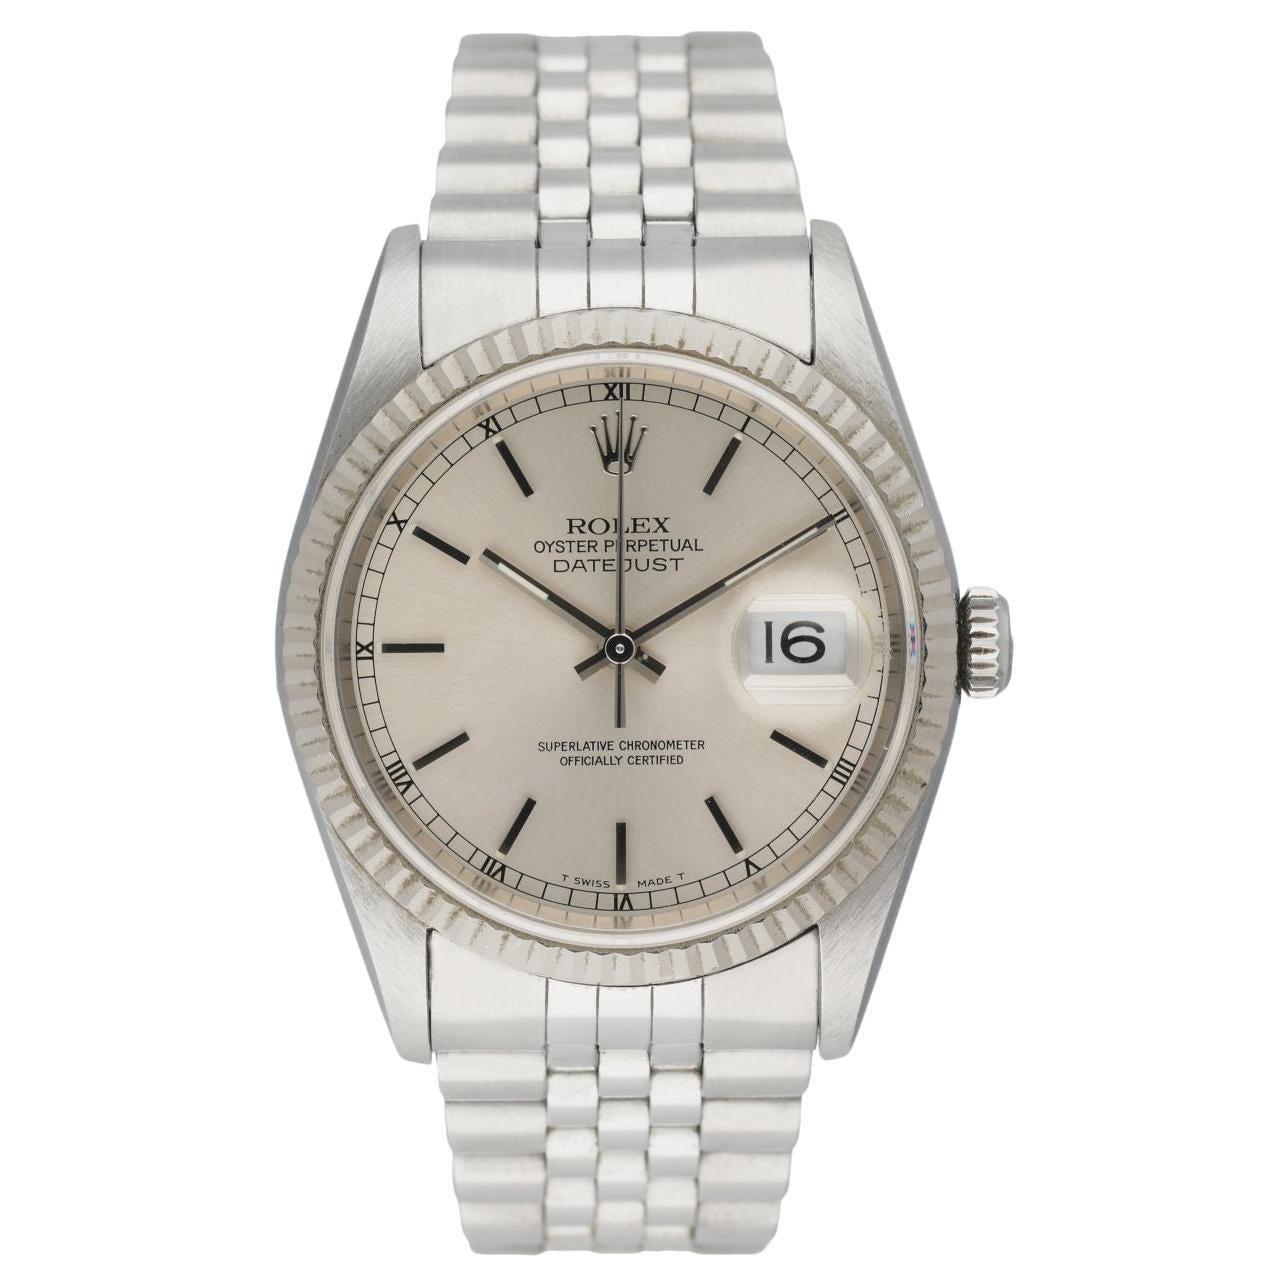 Rolex Datejust 16234 Men's Watch